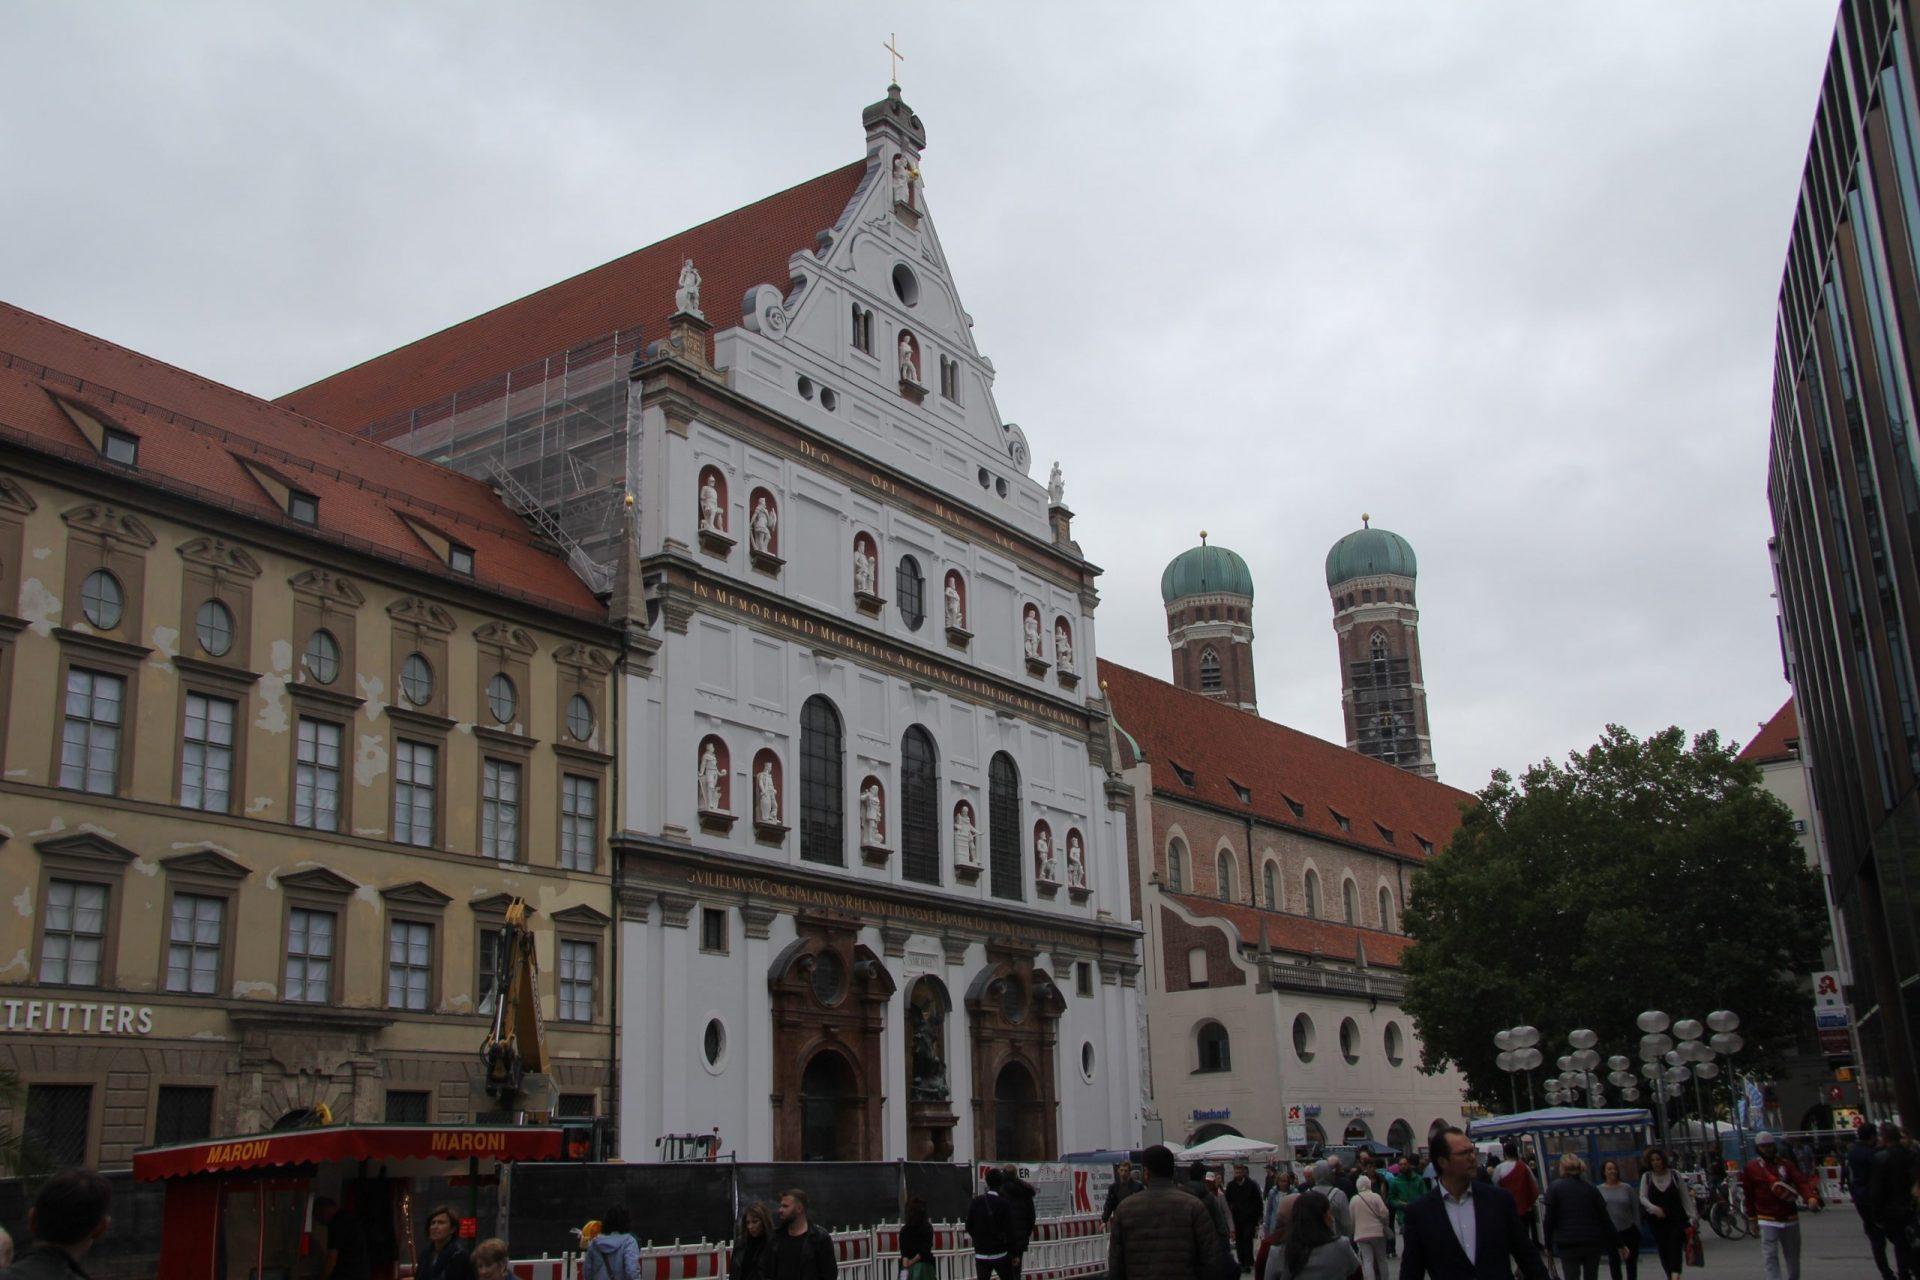 Церковь Святого Михаила, Мюнхен, Германия. Сентябрь, 2019